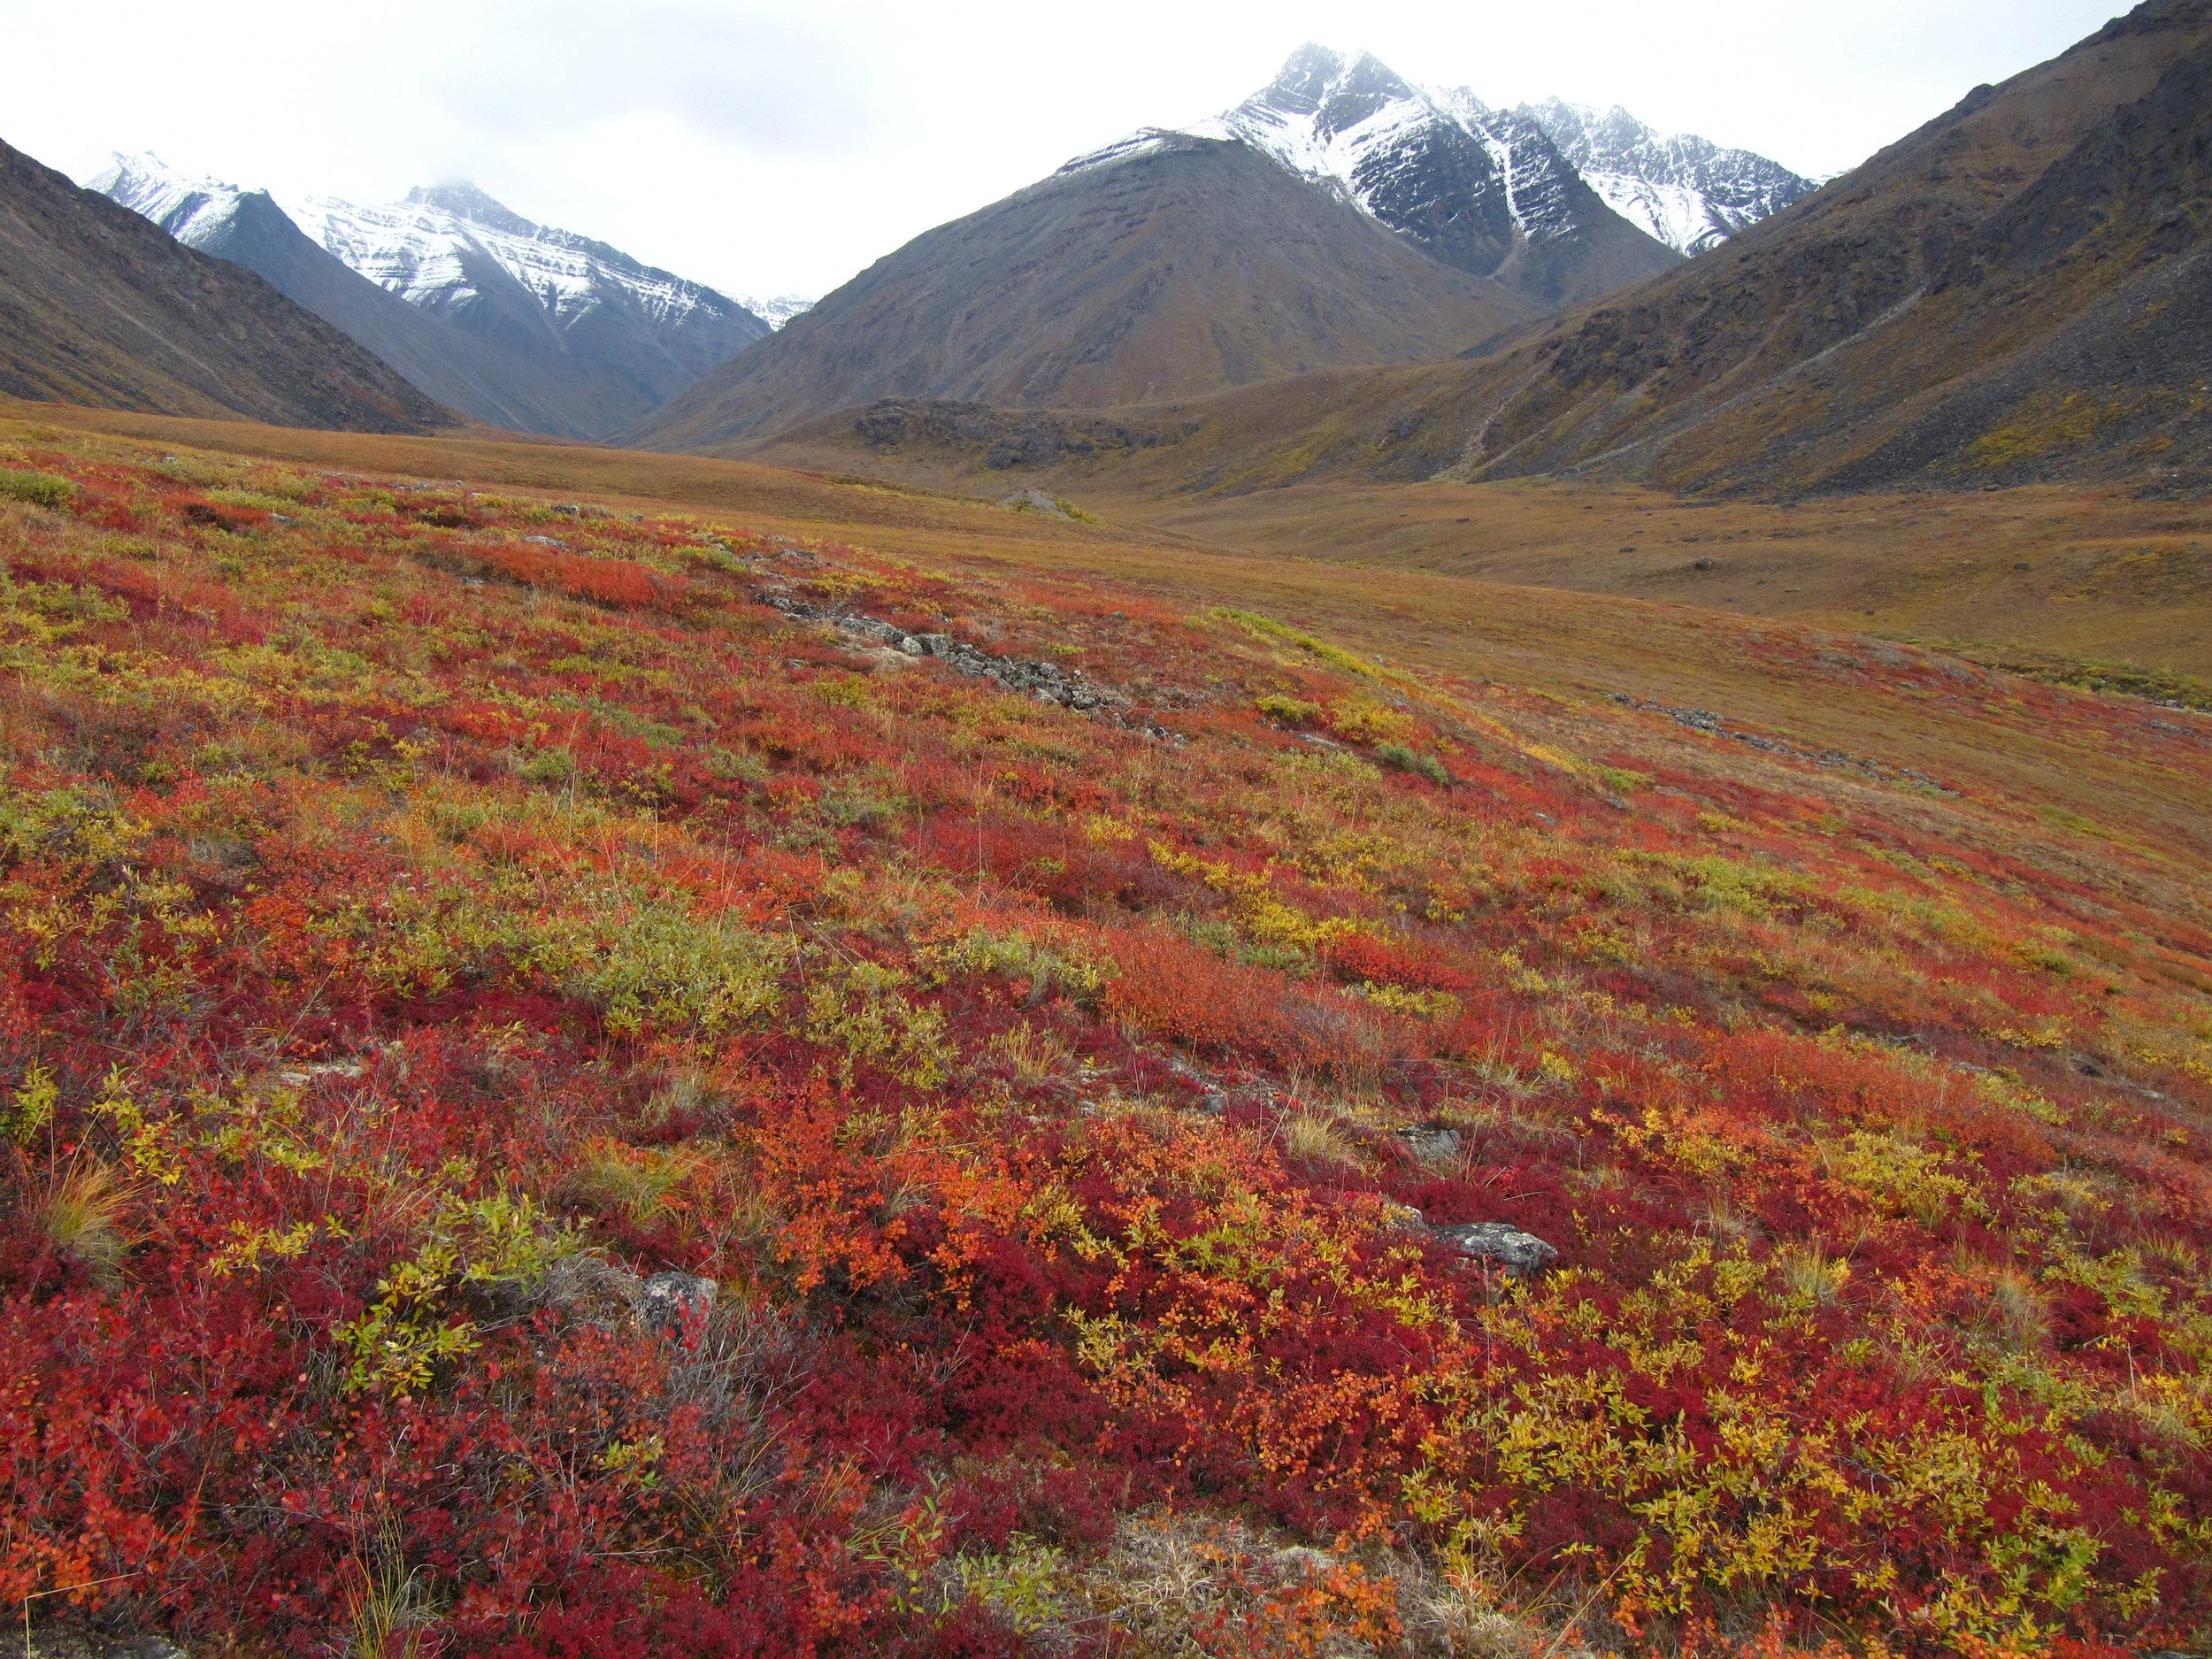 Autumn colors sweep across the tundra near Galbraith Lake. Photo by Jason Neely